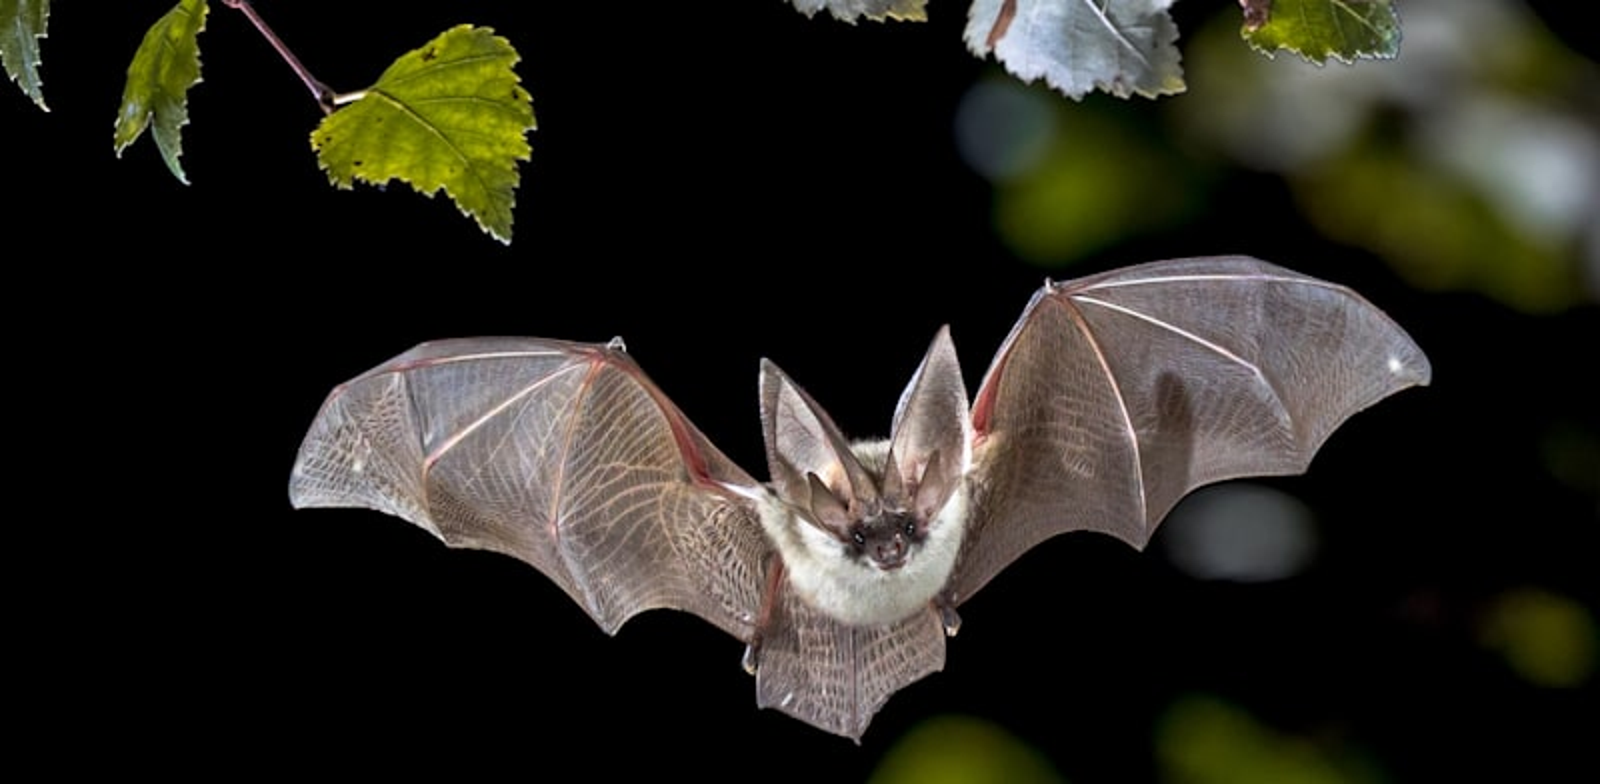 עטלף. יותר מ־60% מהמחלות הזיהומיות המתגלות בבני אדם כיום מגיעות מבעלי חיים / צילום: Shutterstock